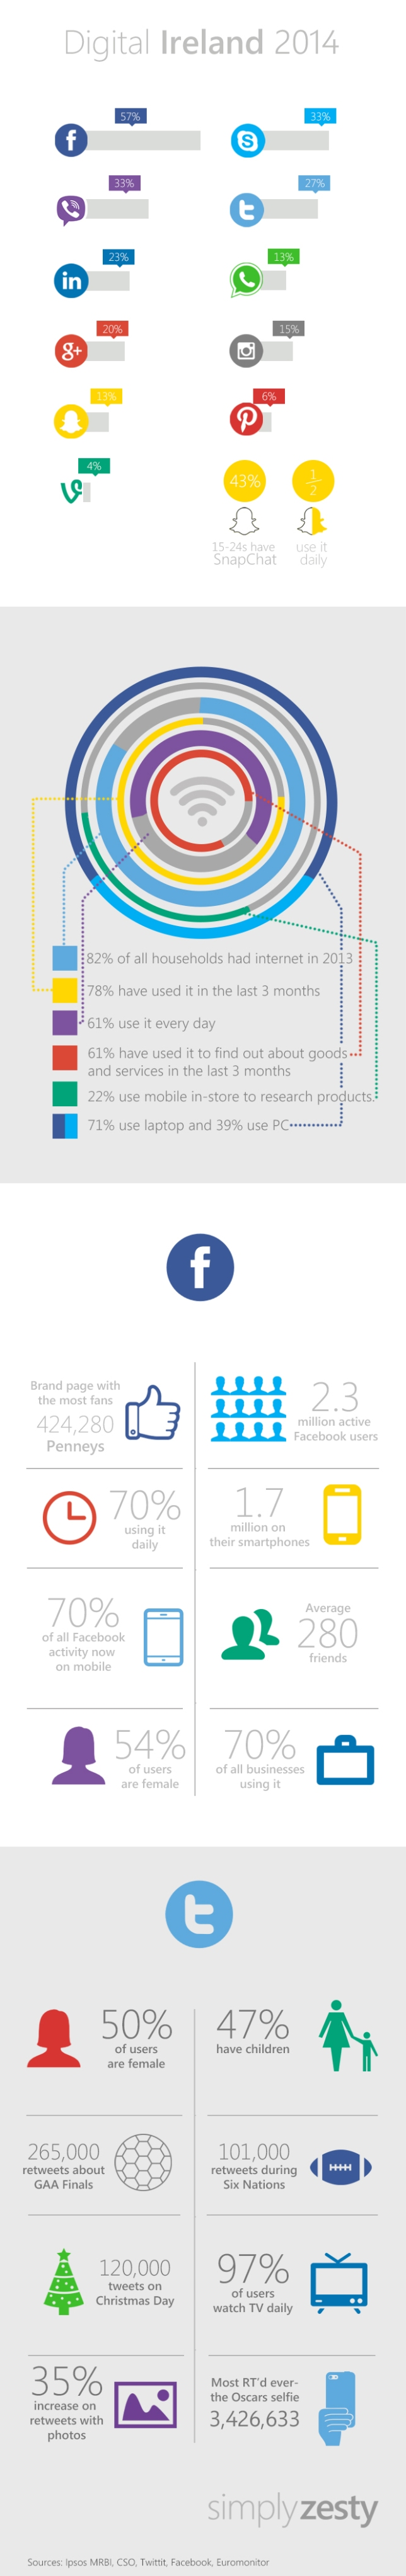 stats, social media, statistics, ireland